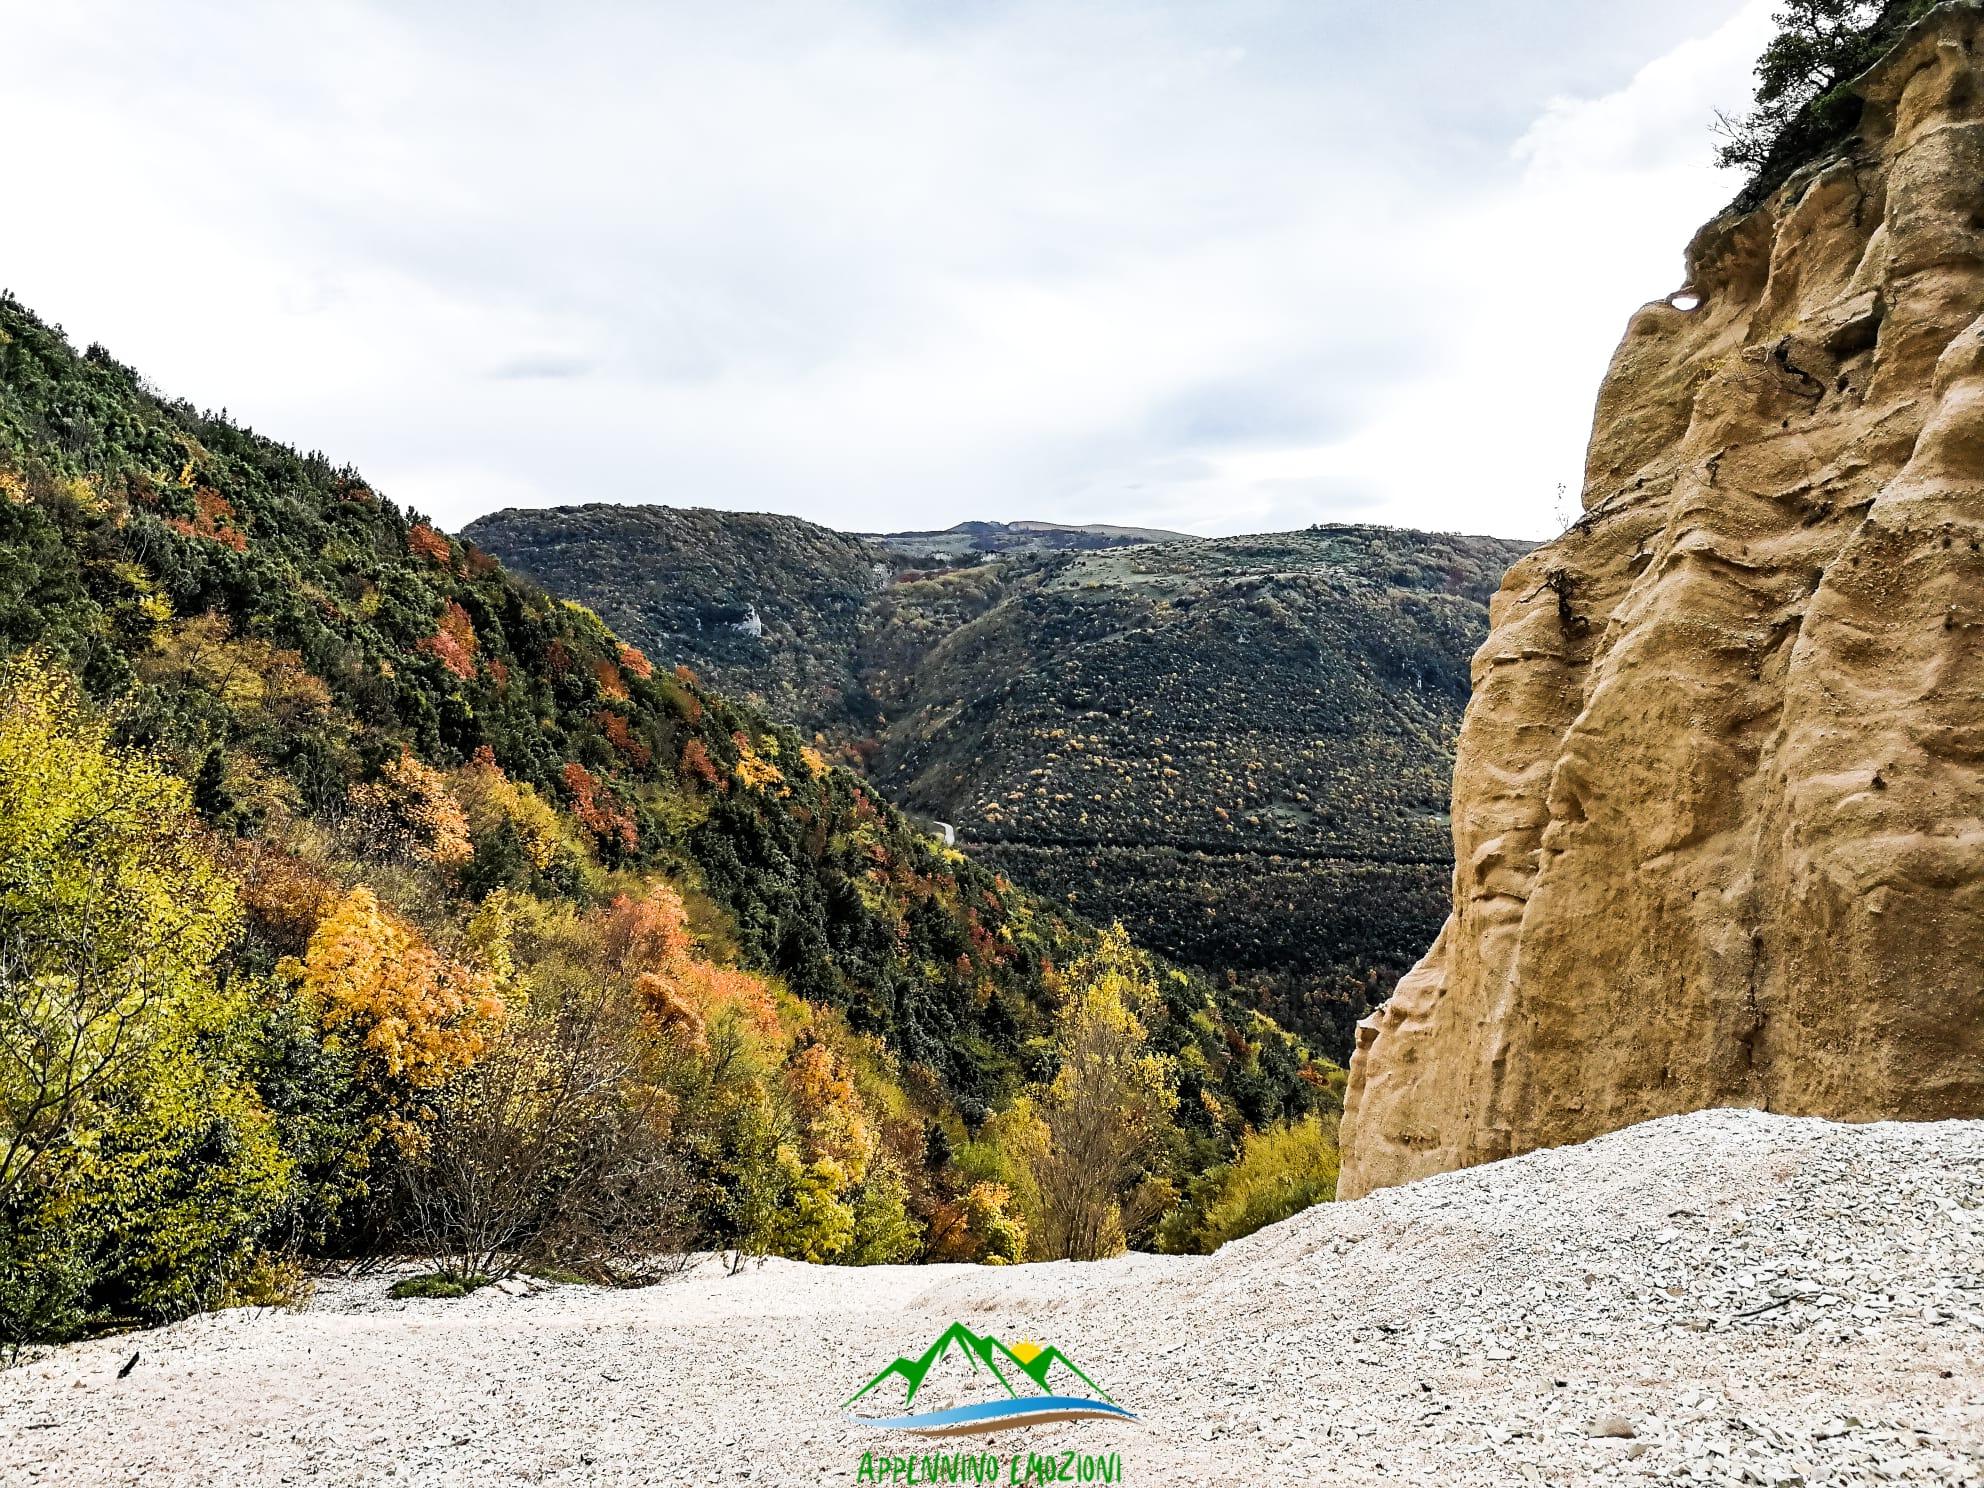 :. 30/10 – Escursione Emozioni d' Autunno: Le lame rosse con i boschi in colore